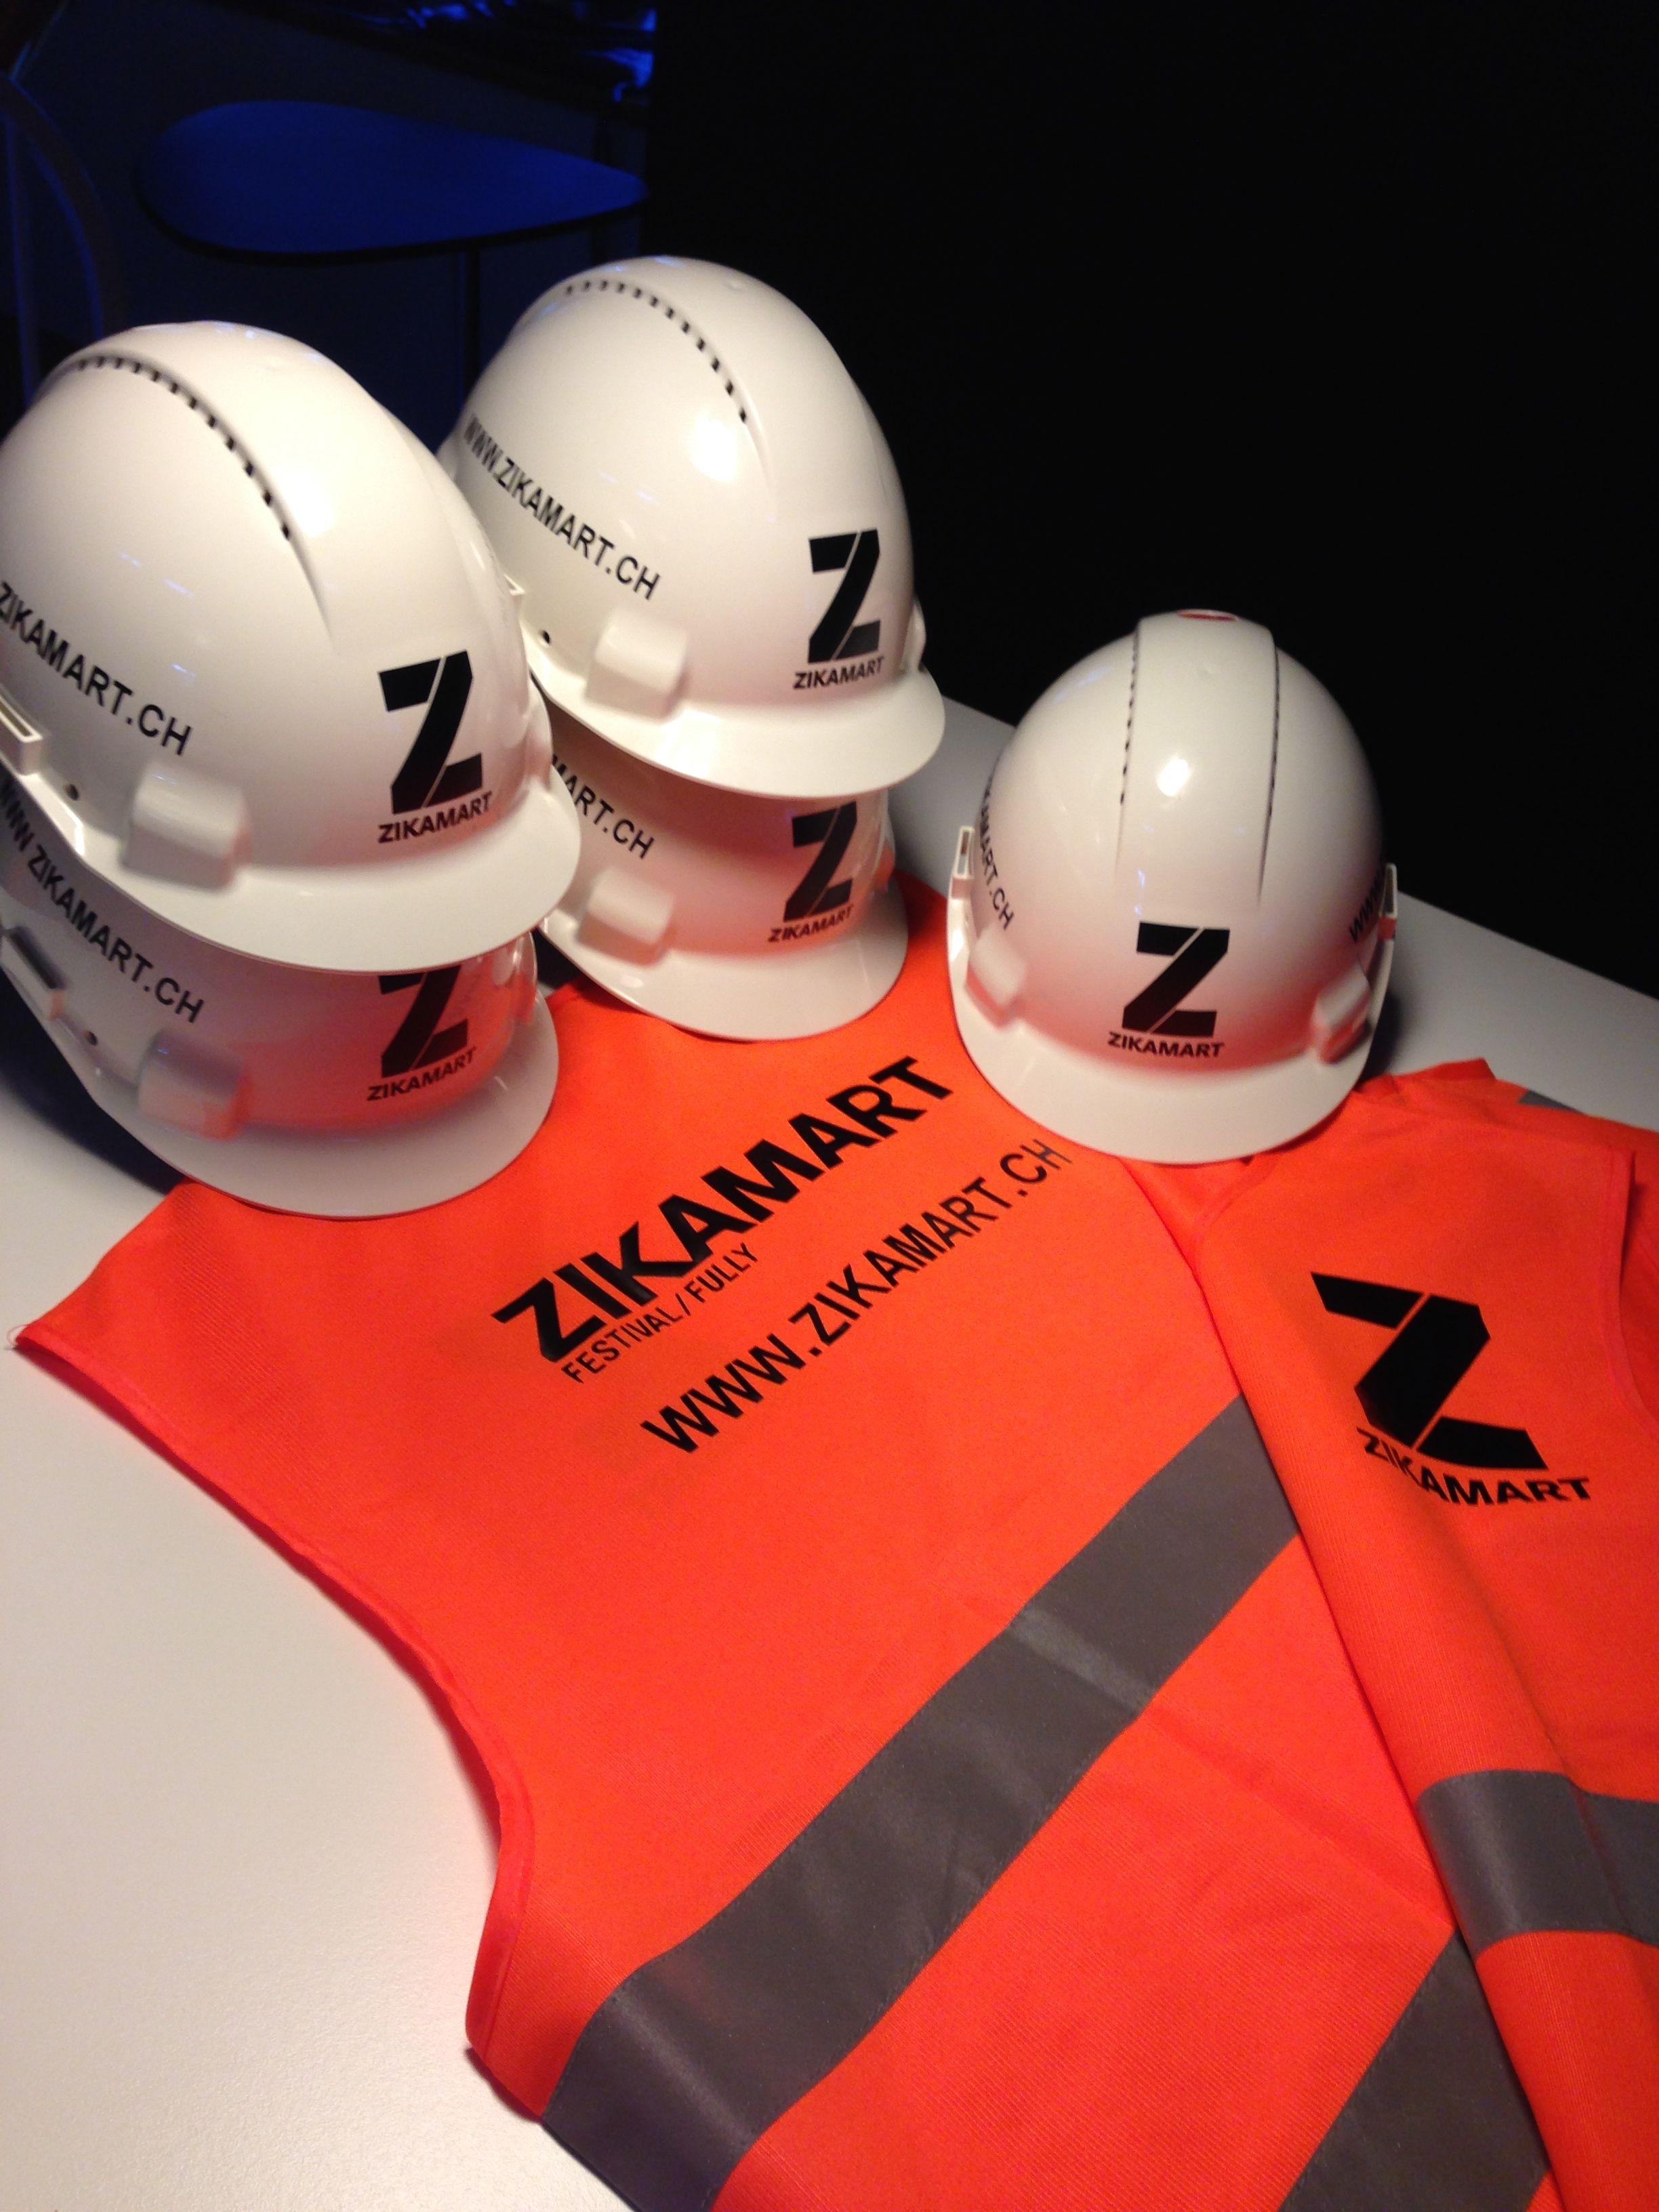 casques et gilets de protection pour le zikamart festival